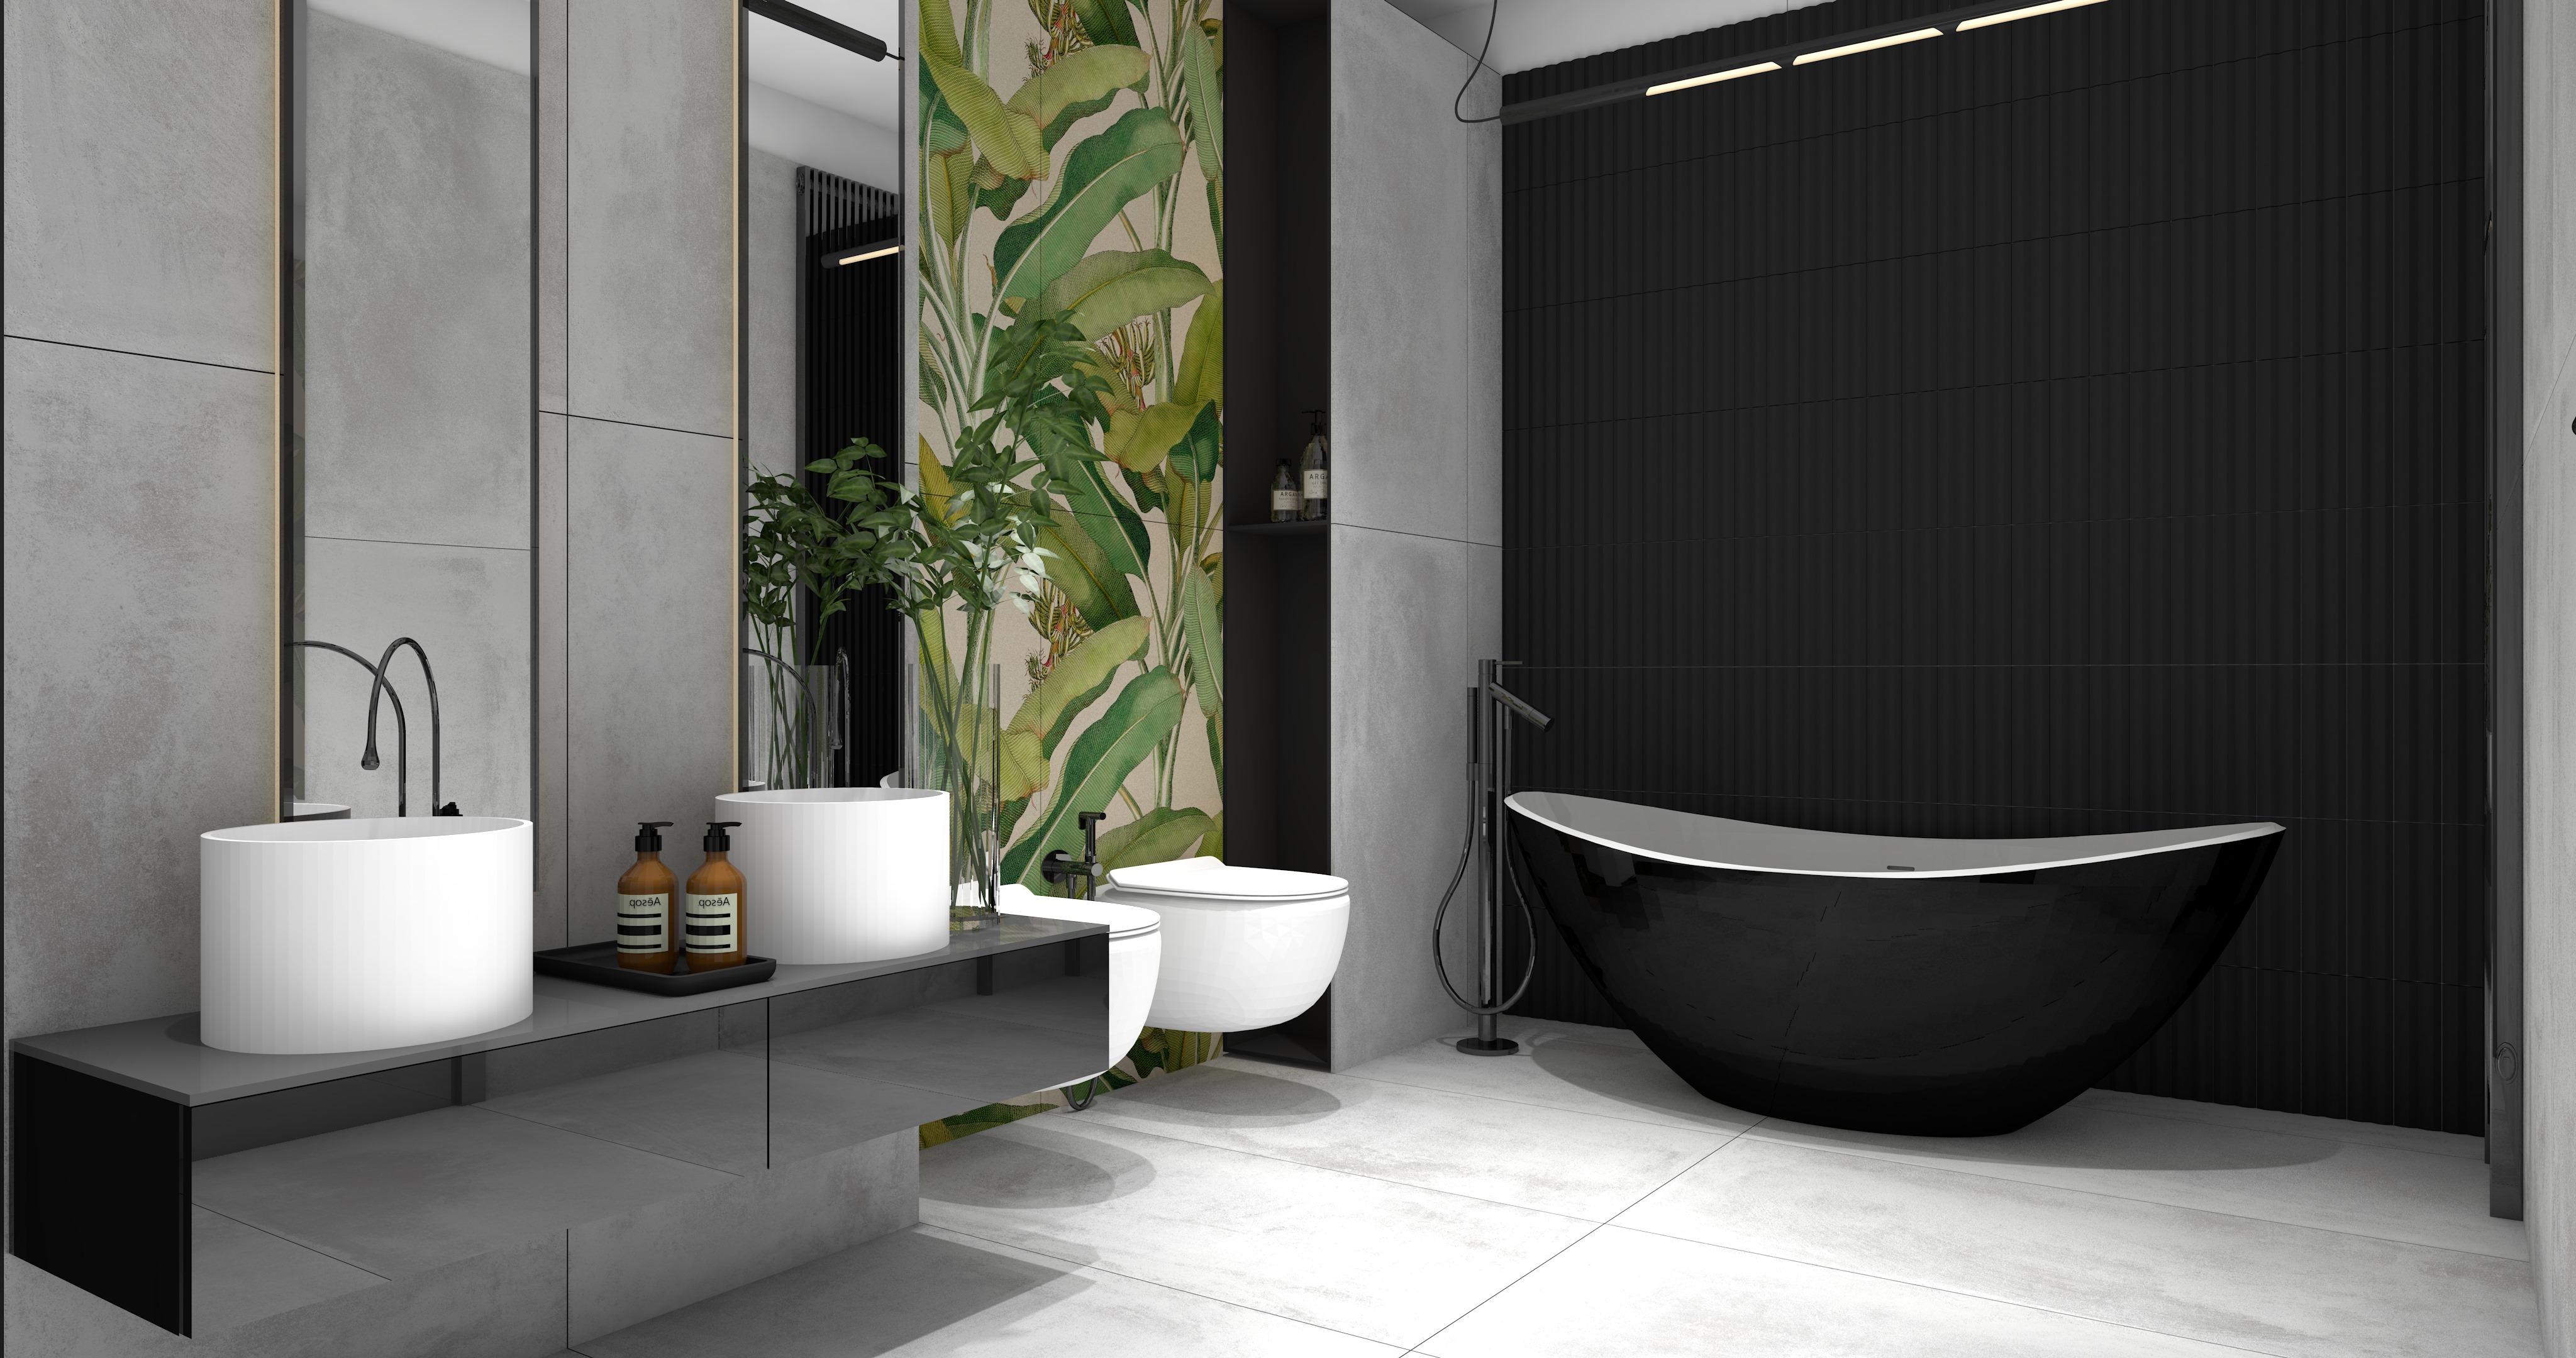 Łazienka w kolorach szarości z wiszącą szafką, dwiema umywalkami nablatowymi białymi, dwoma lustrami, czarną wanną wolnostojącą i baterią oraz płytkami Blokk Perla